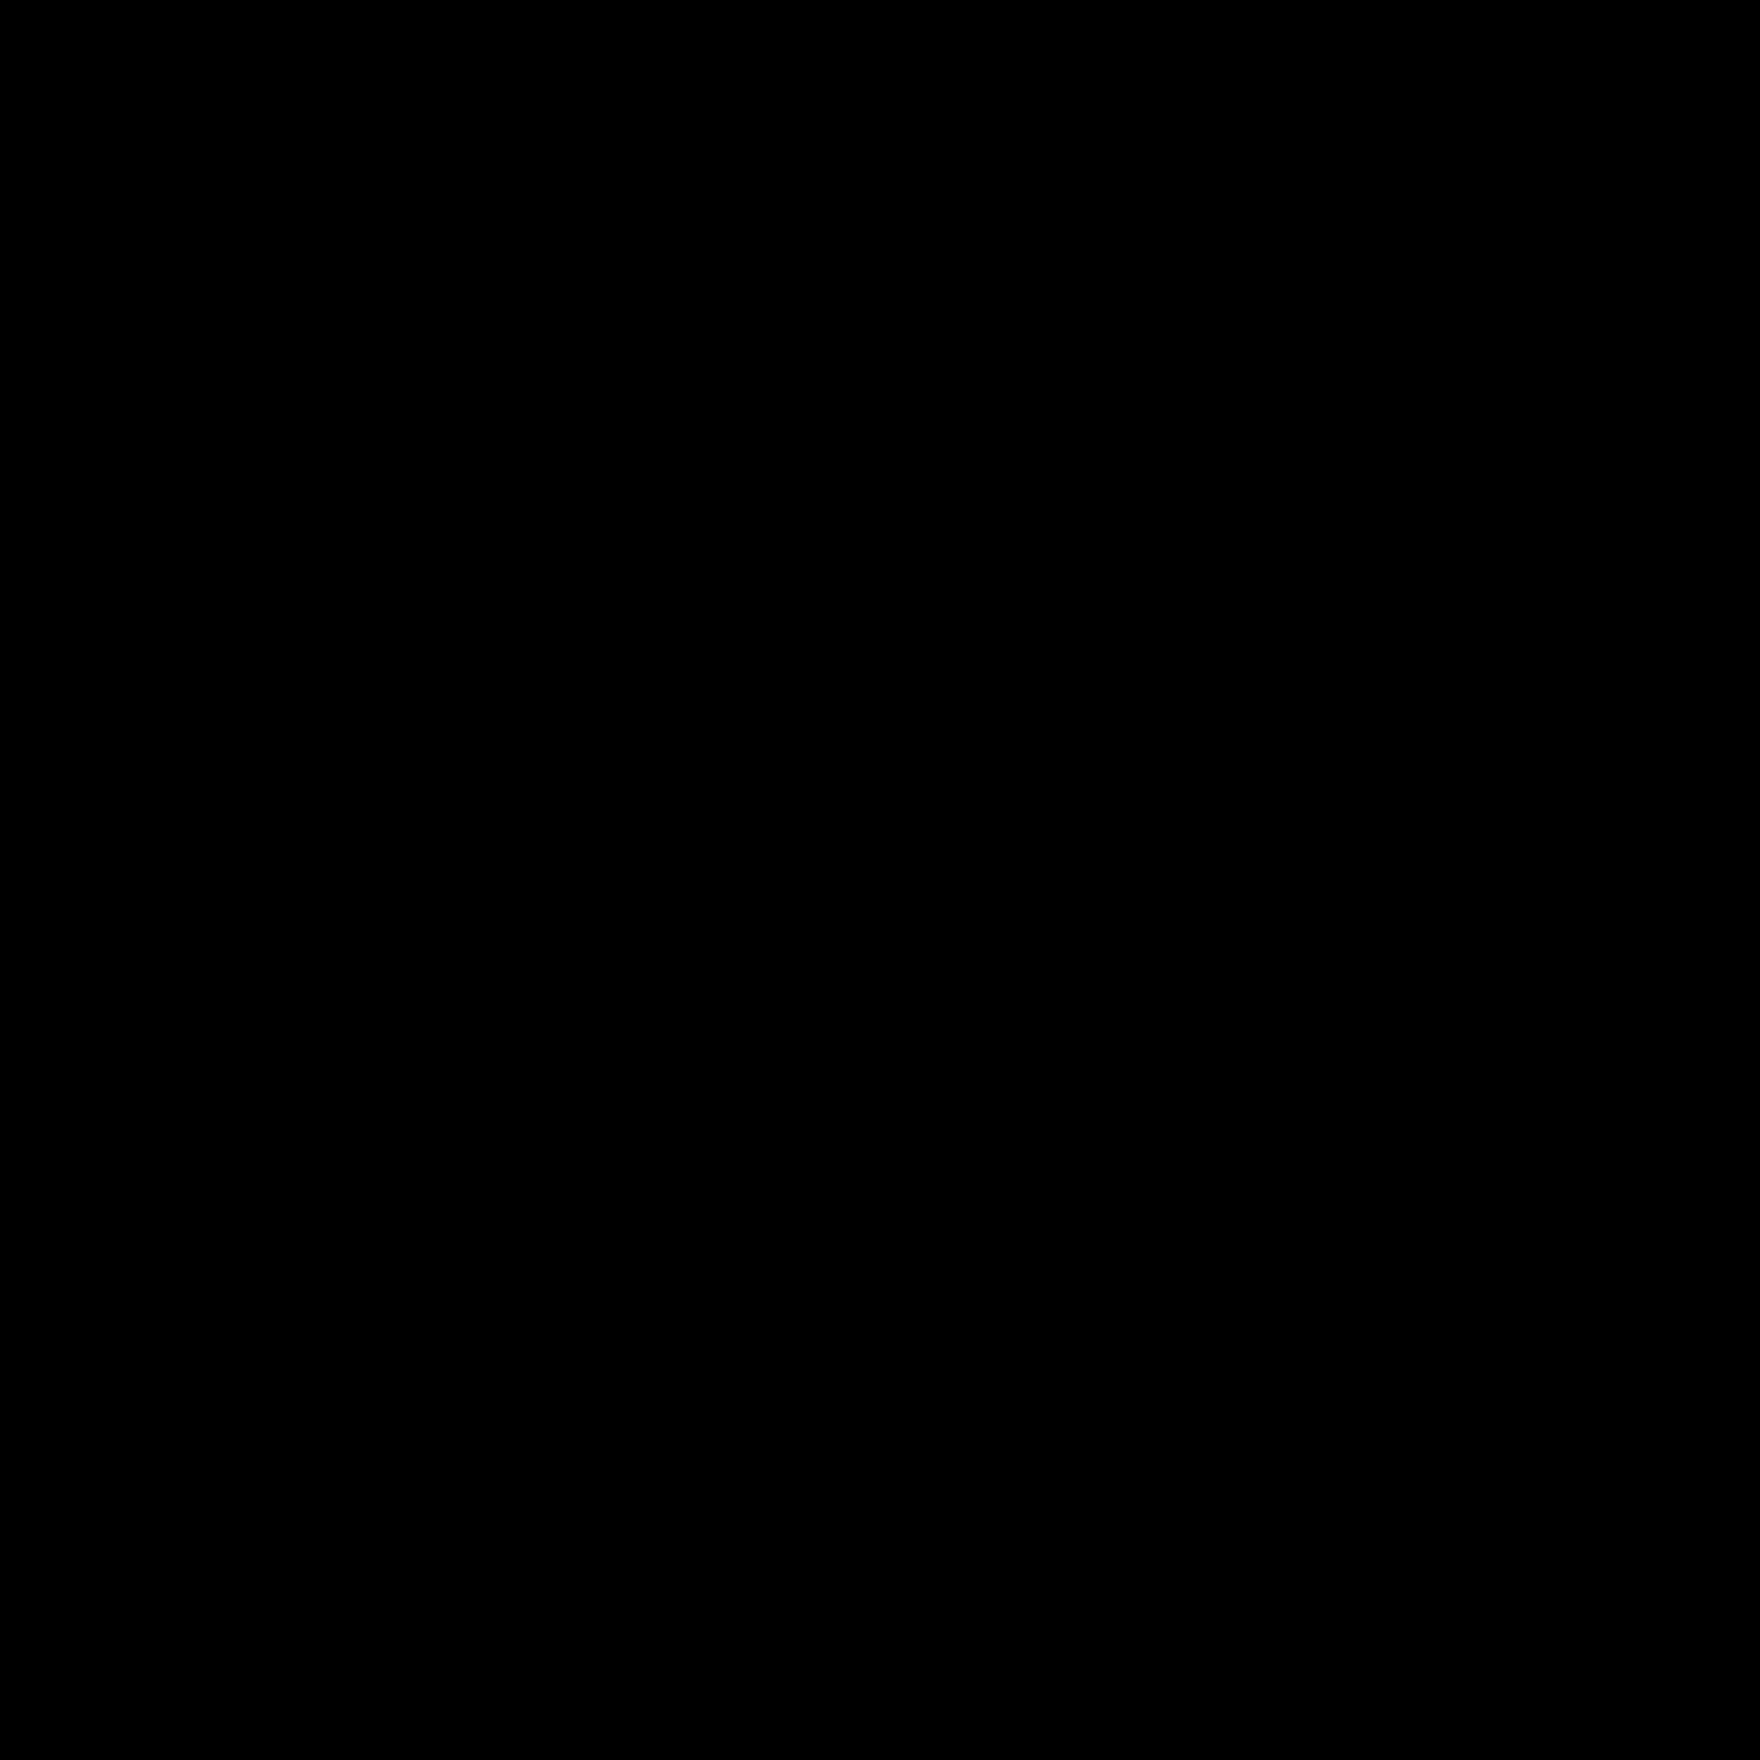 viuleva_referenssi_1urban_logo_pyorea